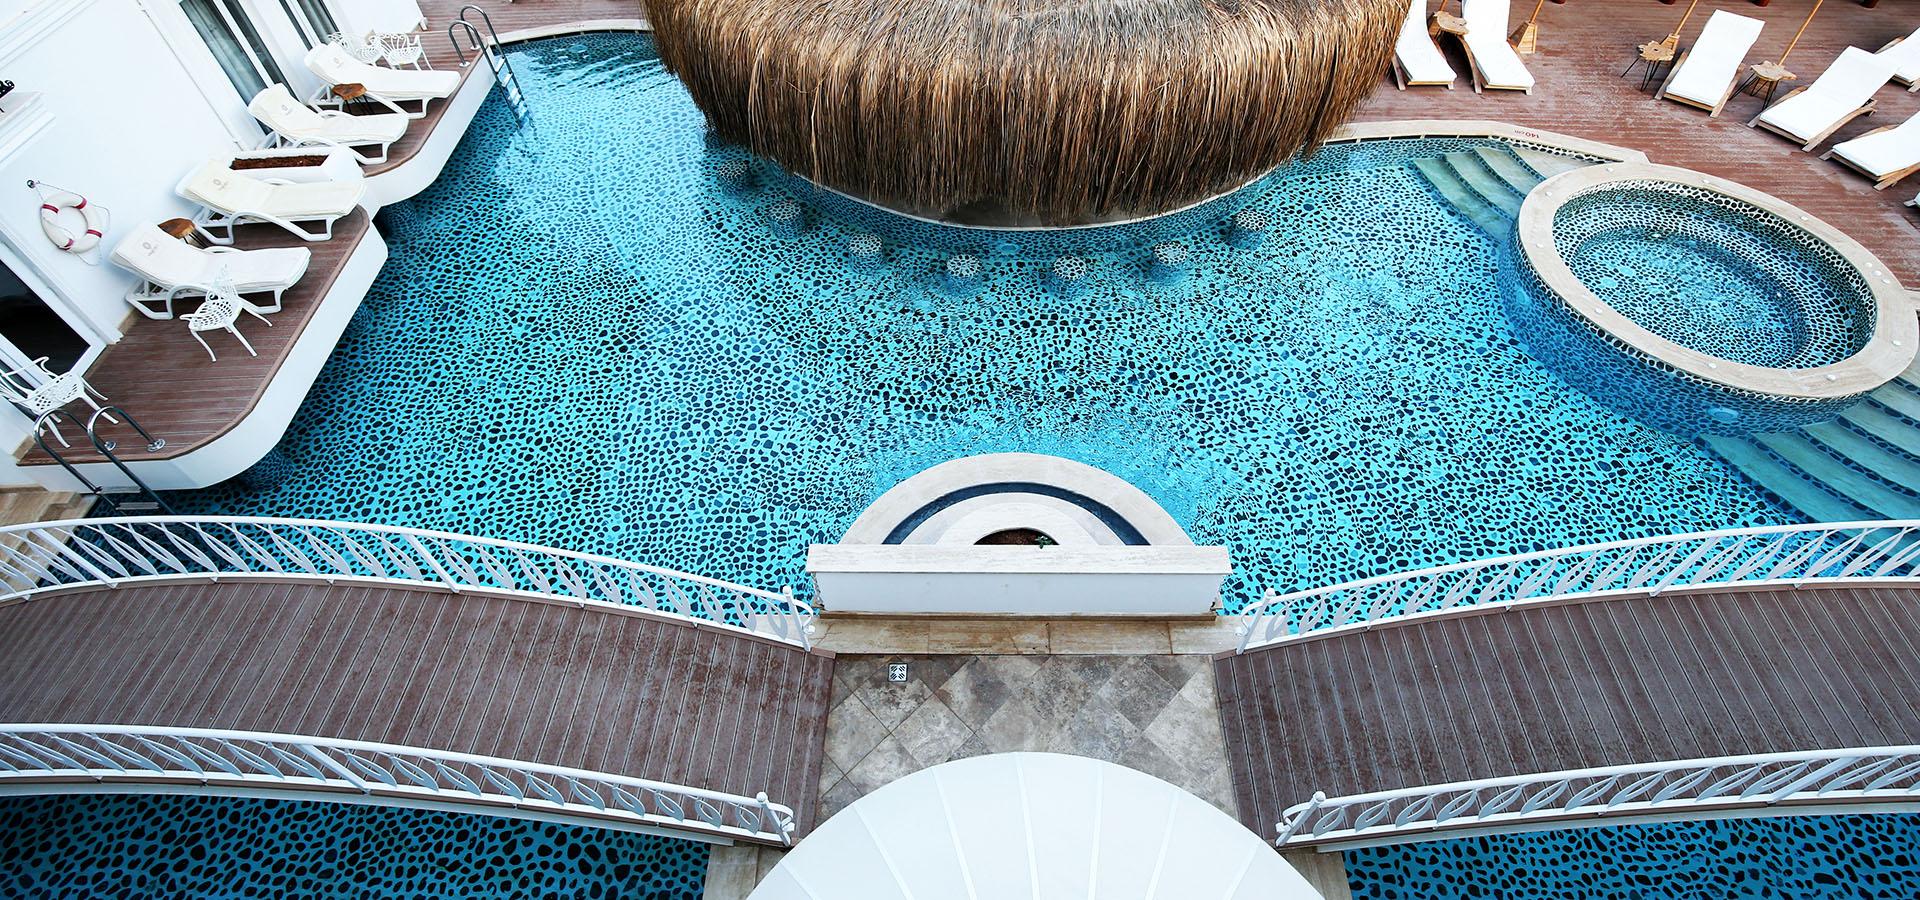 chill pool slide 1